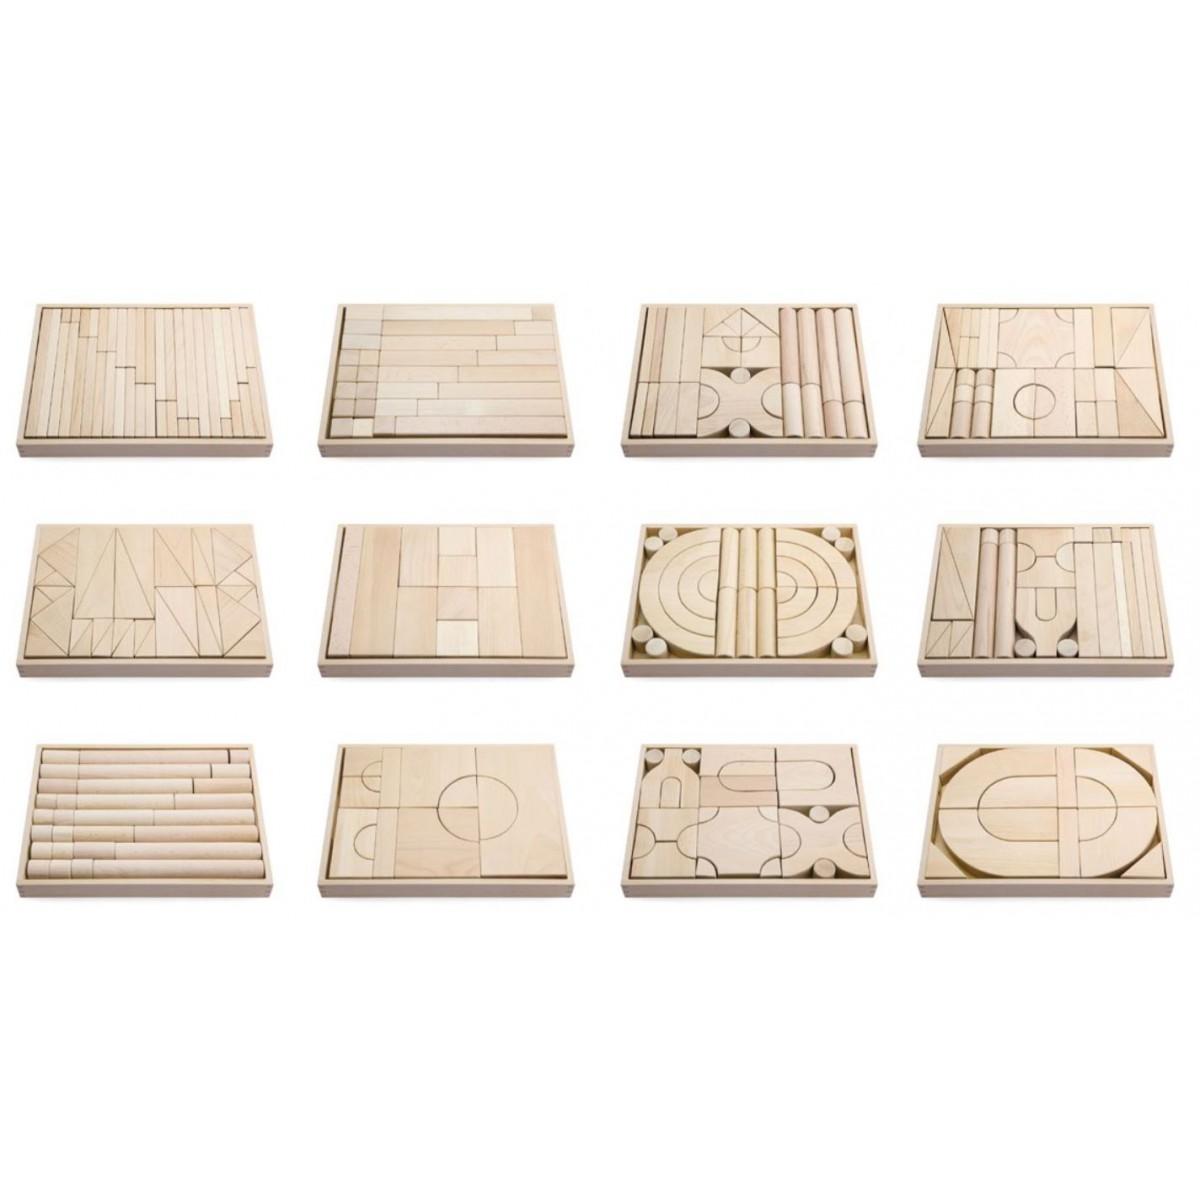 مكعبات خشبية 317 قطعة مع 12 صندوق